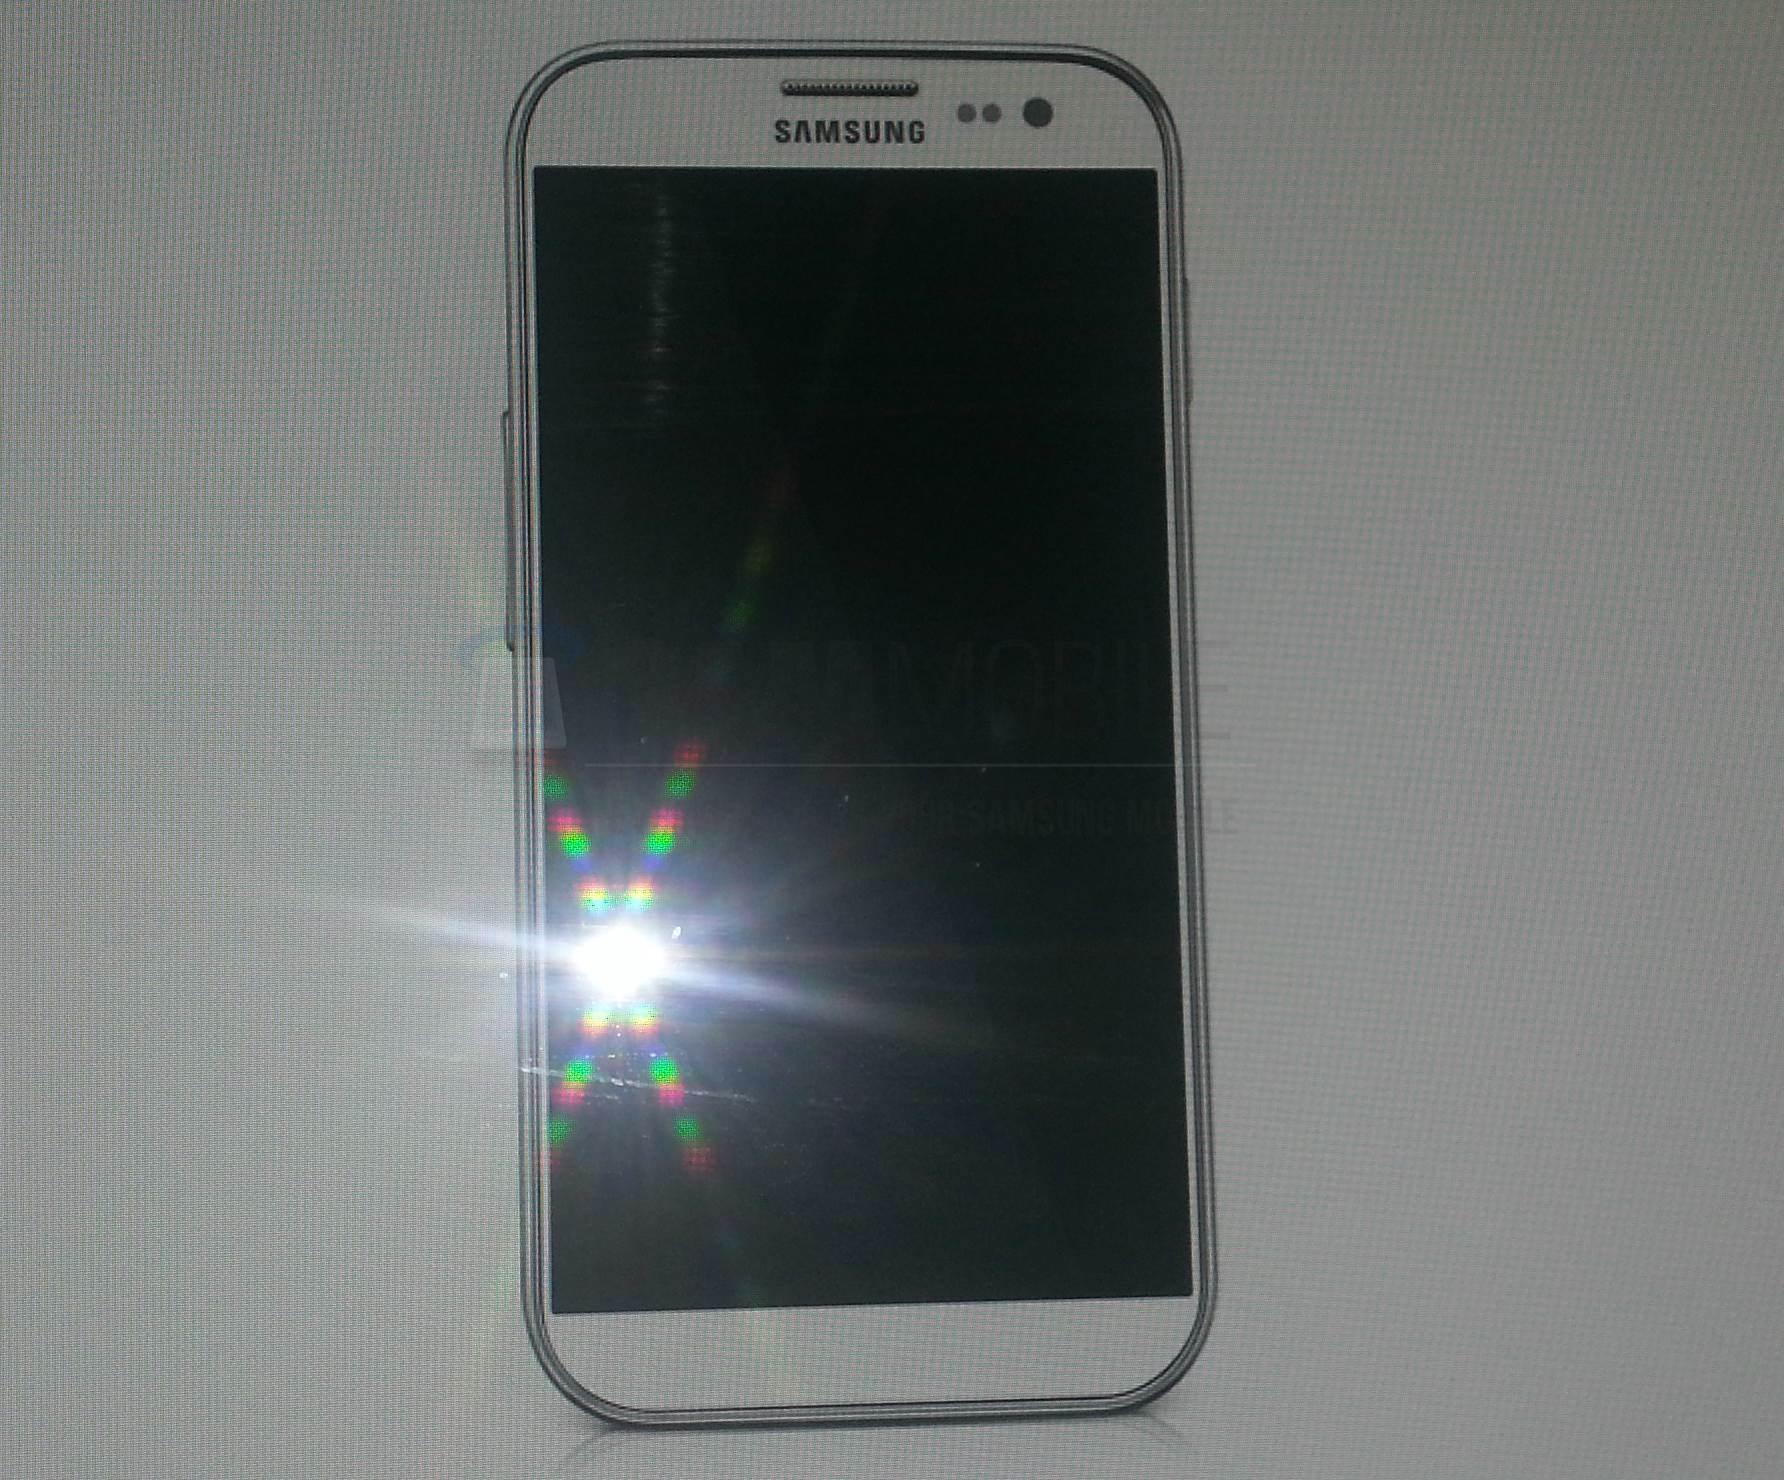 Galaxy S IV выйдет уже в феврале этого года